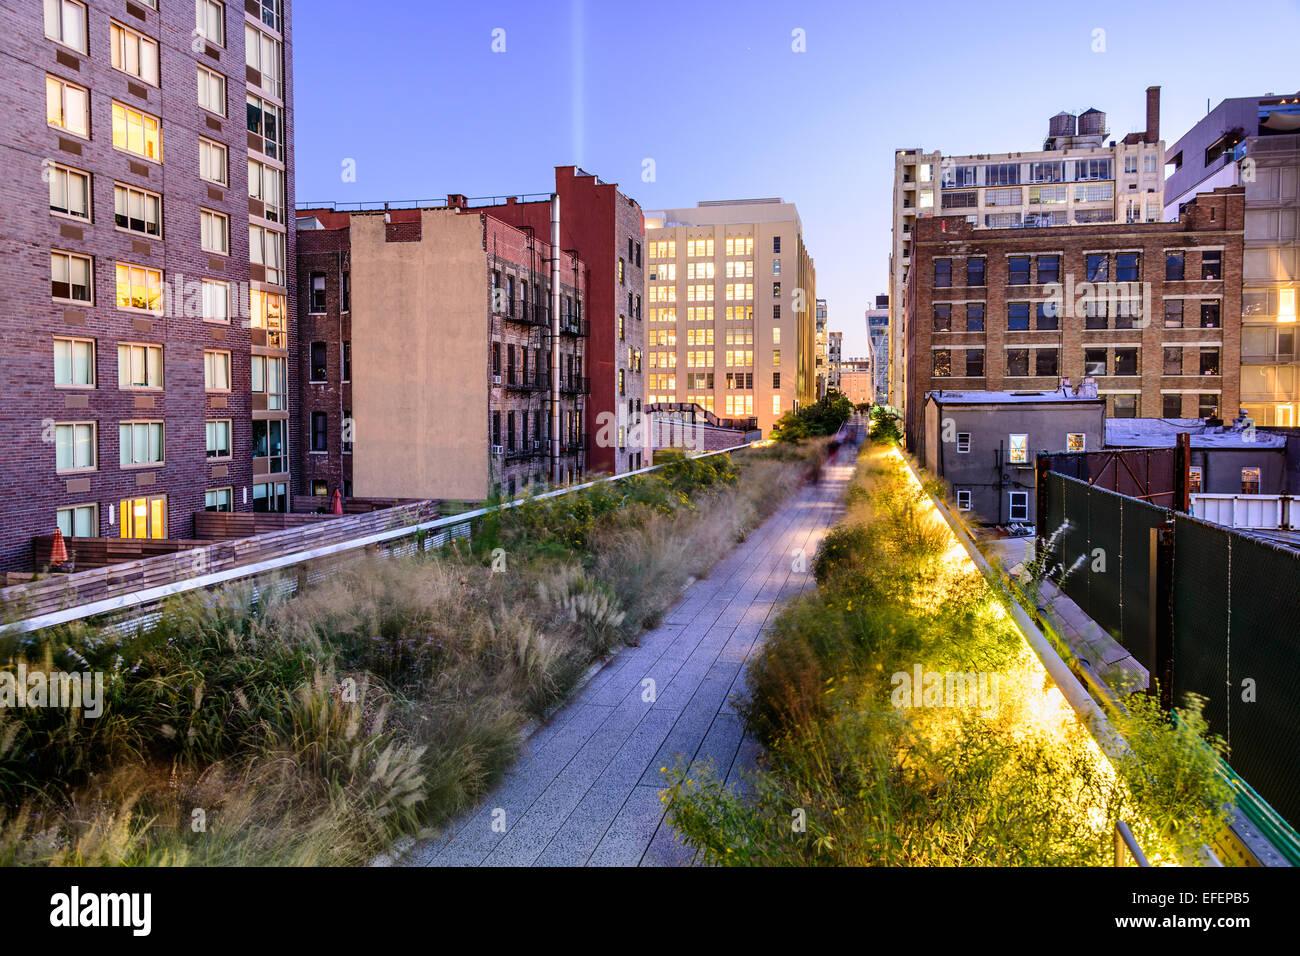 La ville de New York, USA sur le parc High Line. Photo Stock